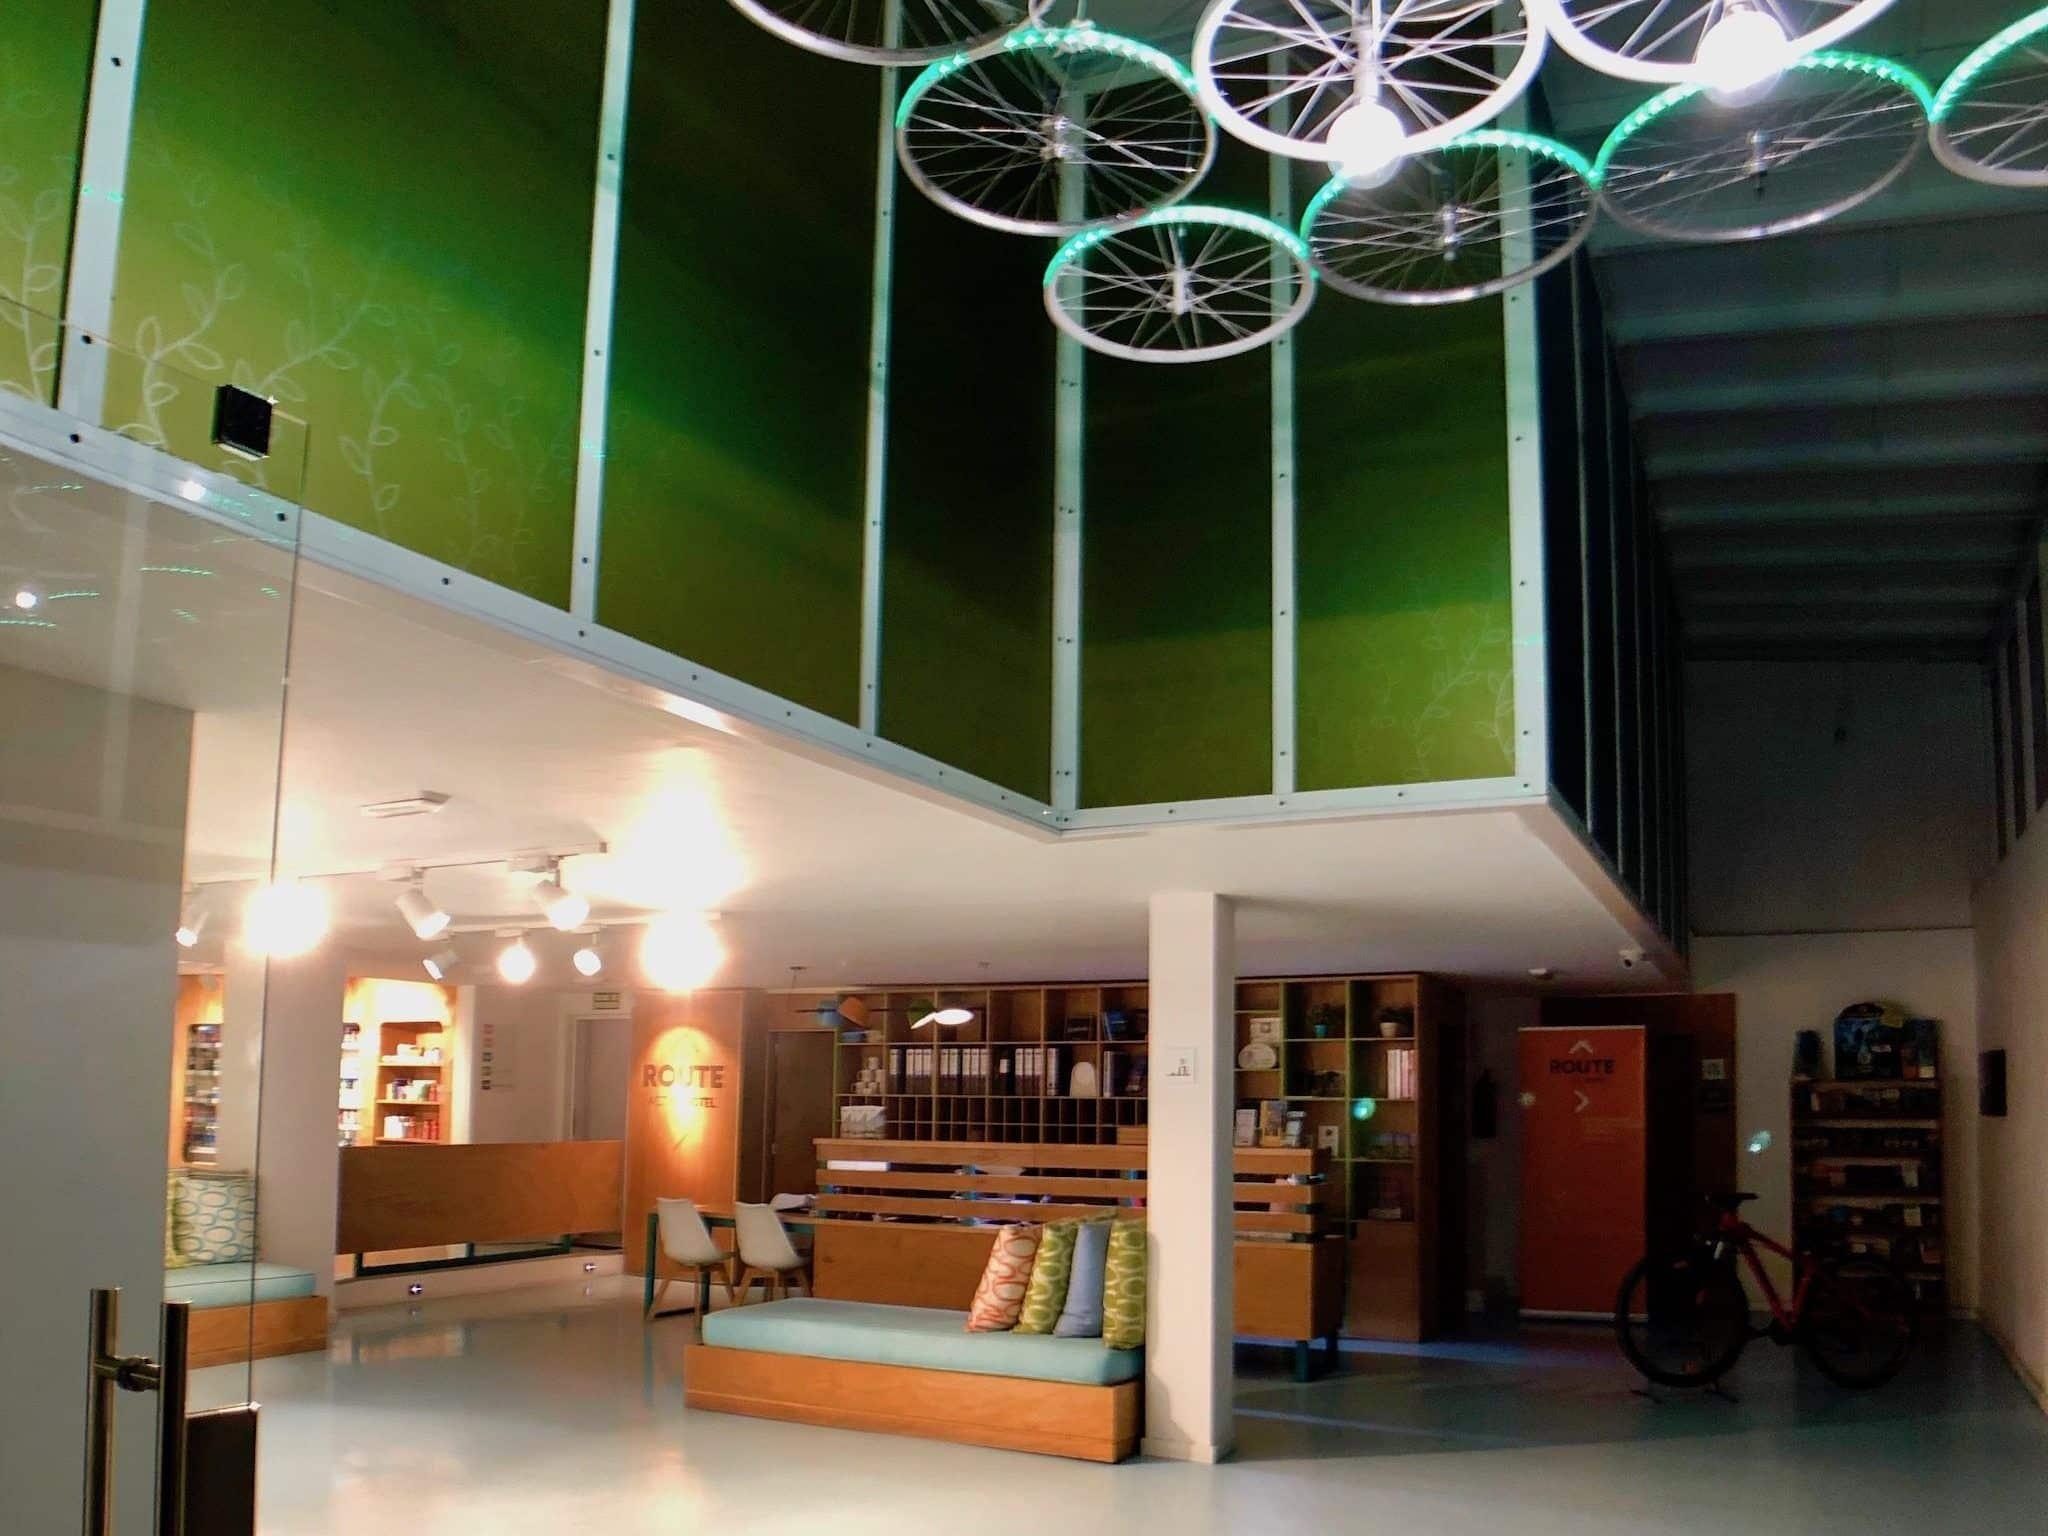 Die Lobby des Active Route Hotel: ein wirklich interessantes Hotel. Foto: Sascha Tegtmeyer